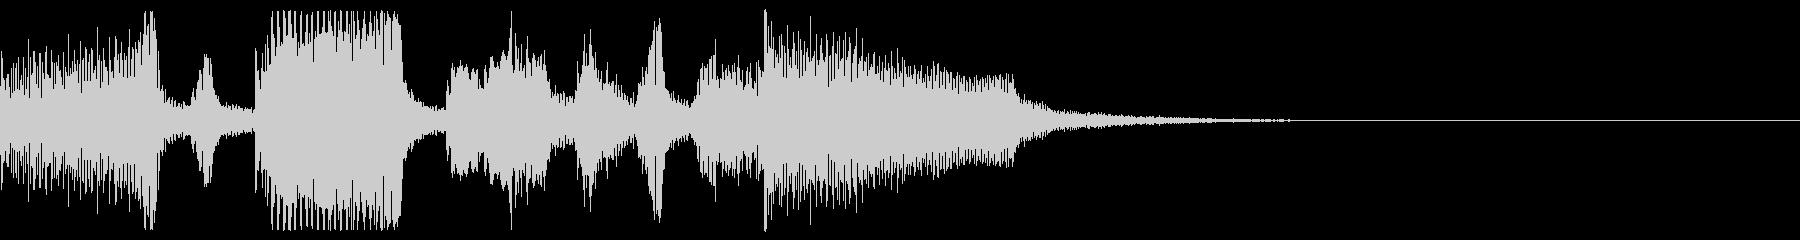 ジングル・アイキャッチ_Cの未再生の波形